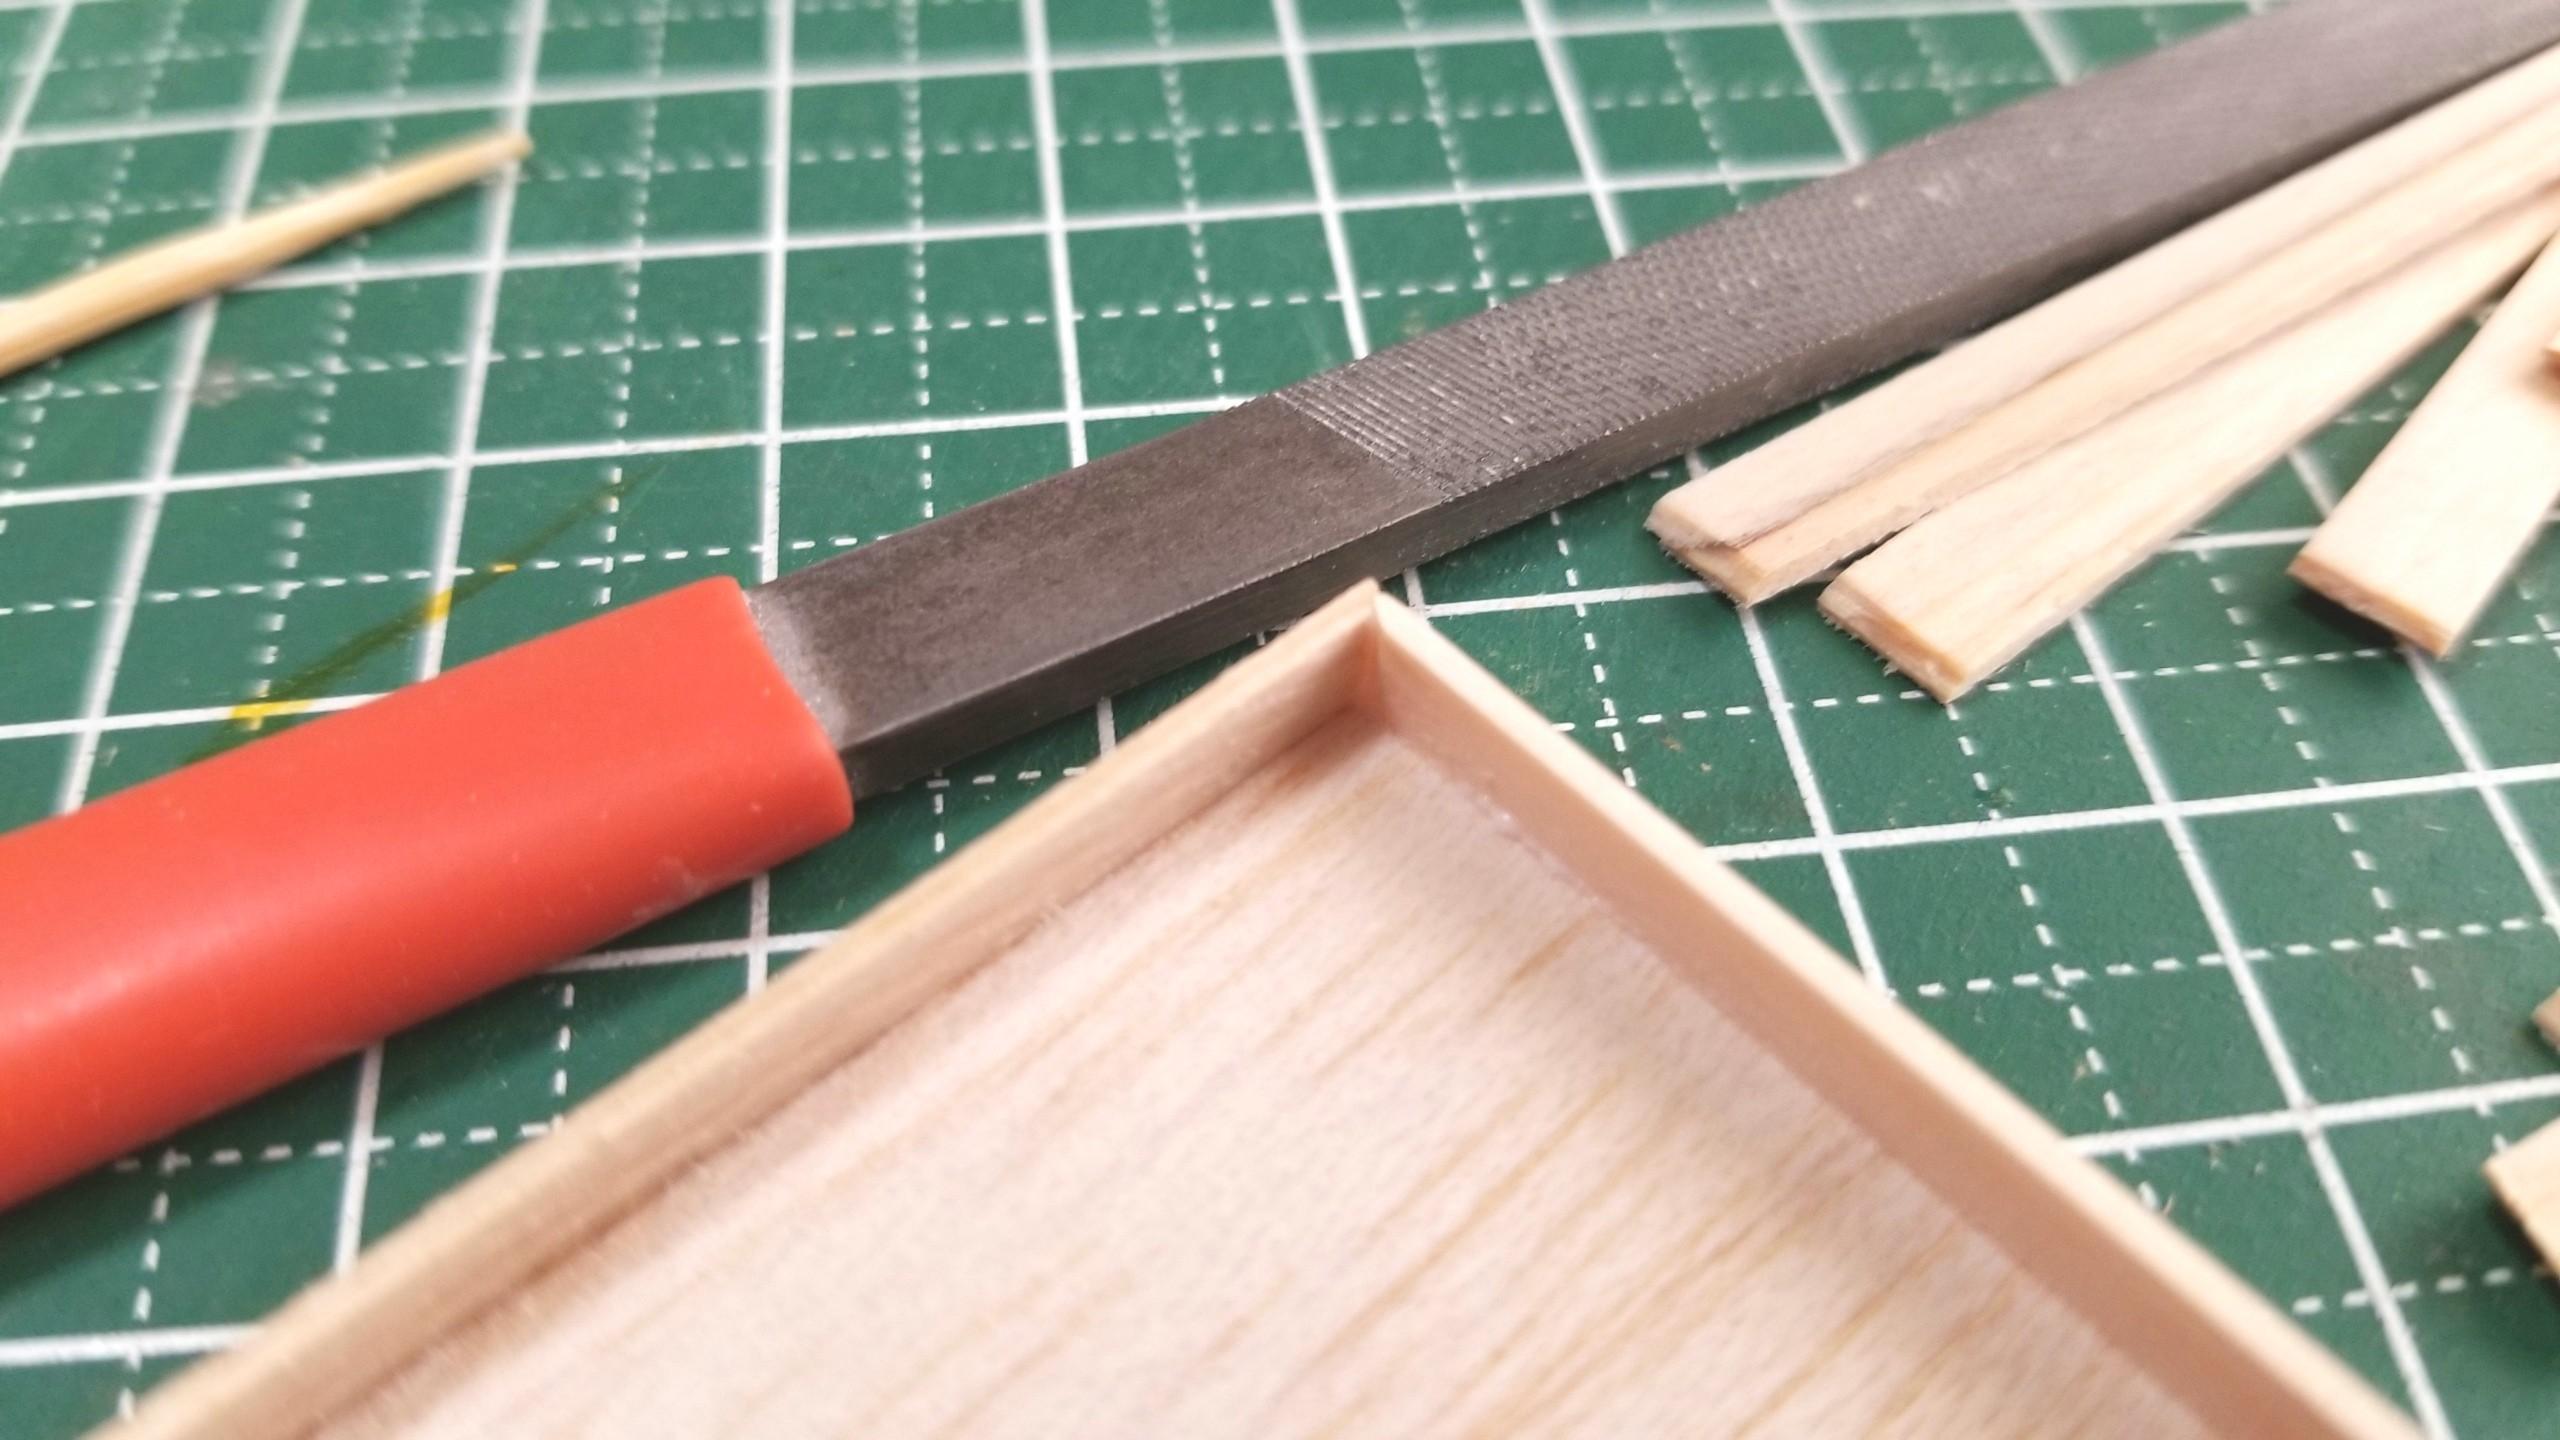 おぼん,作り方,ミニチュア,ひのき,桧,木材,木工作業,留め切り